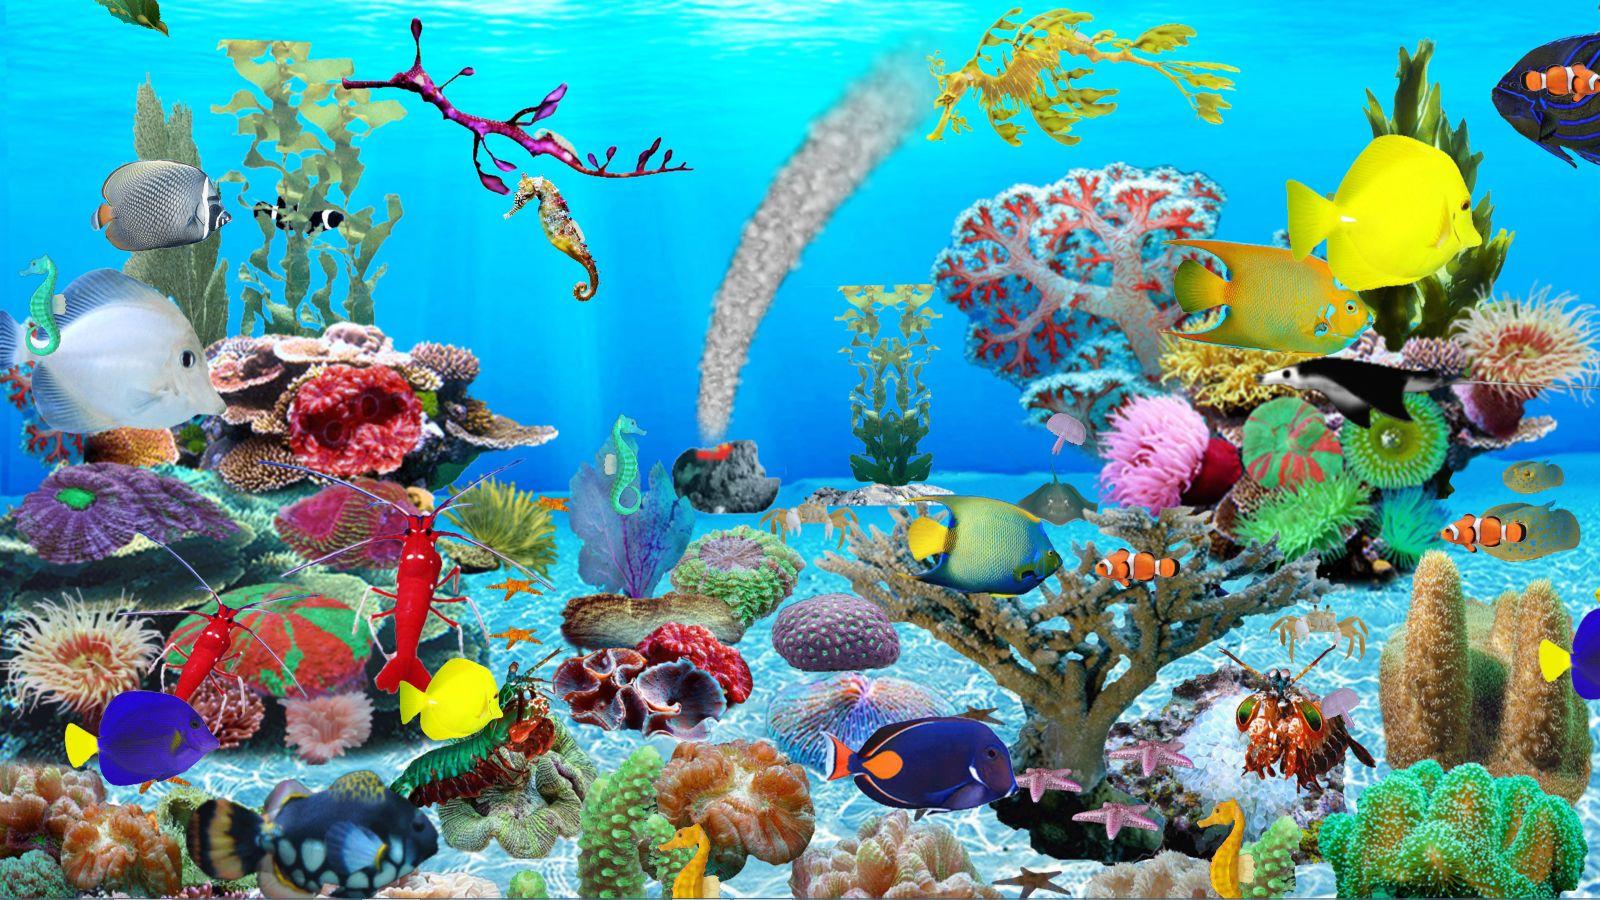 aquarium-bleu-ocean-telechargement